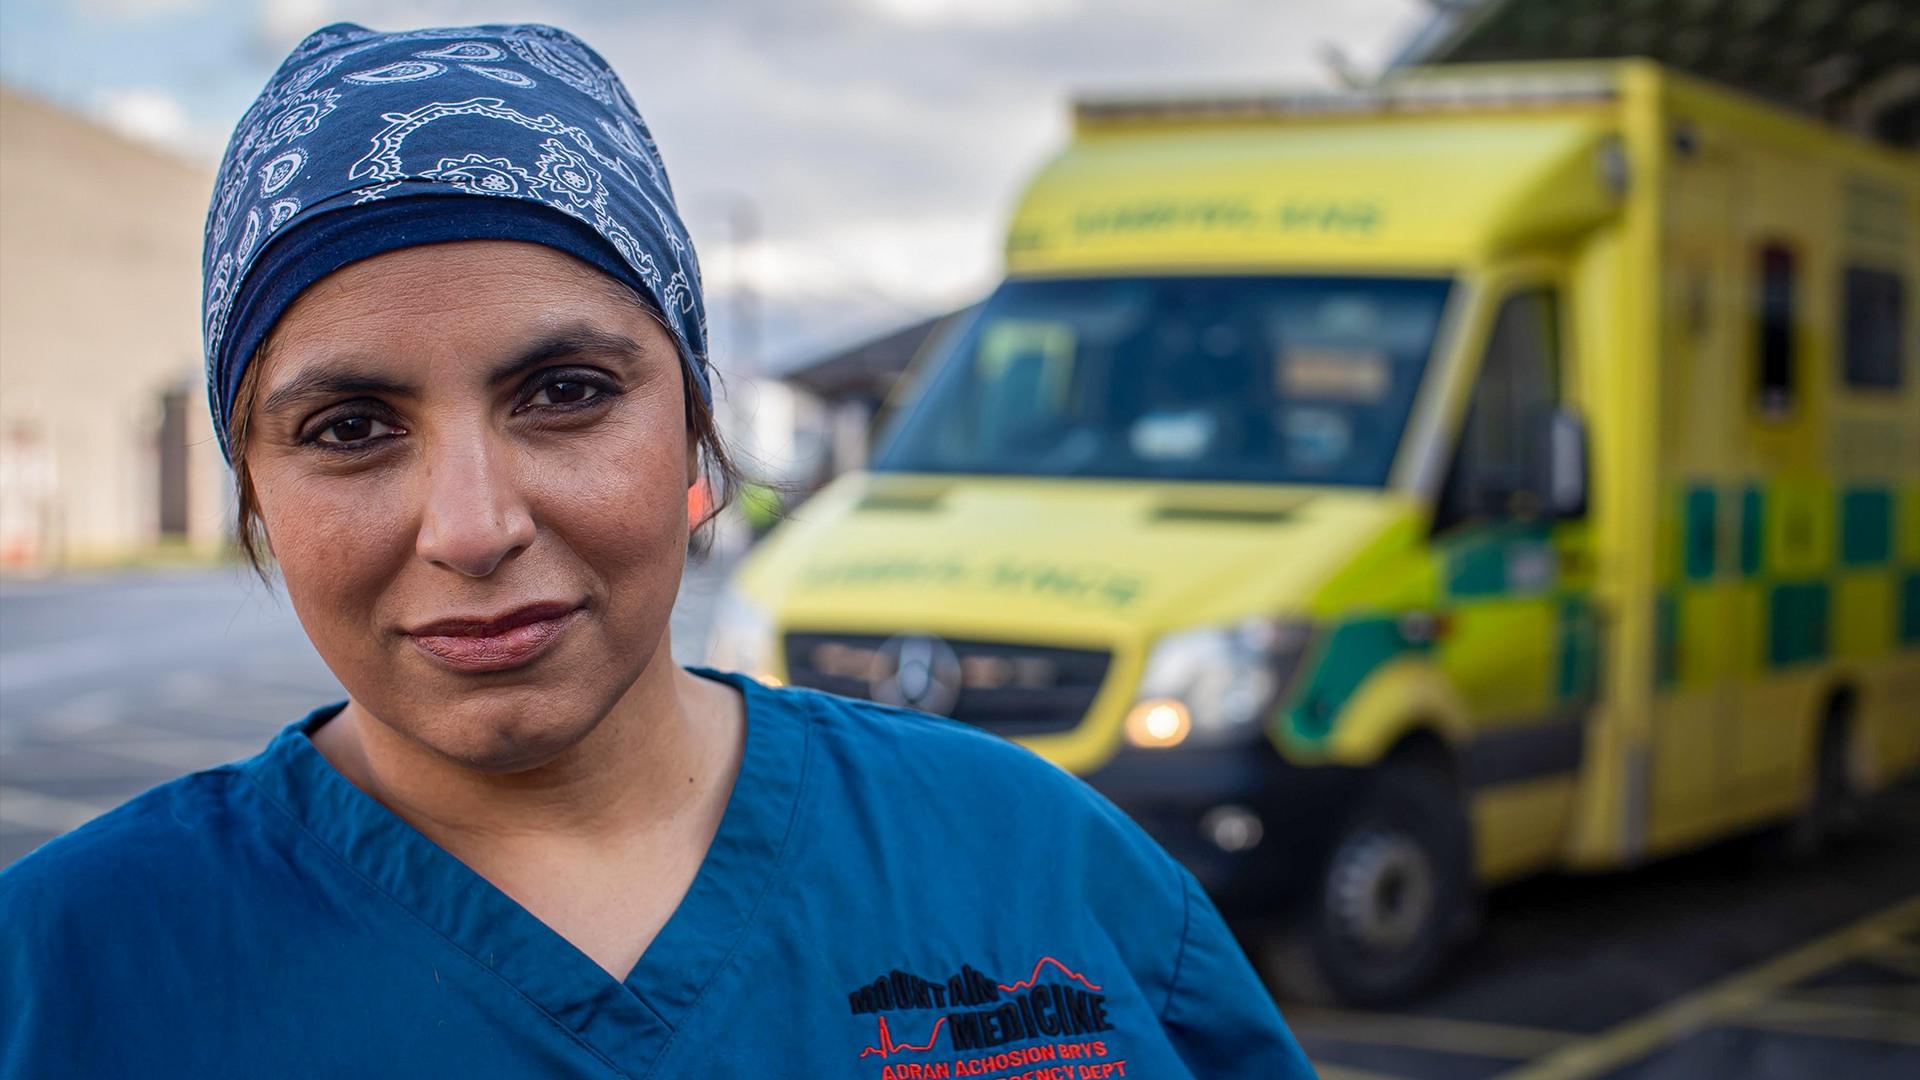 Bác sĩ hồi sức cấp cứu Saleyha Ahsan, Bệnh viện Ysbyty Gwynedd, Wales, Anh. Ảnh: Telegraph